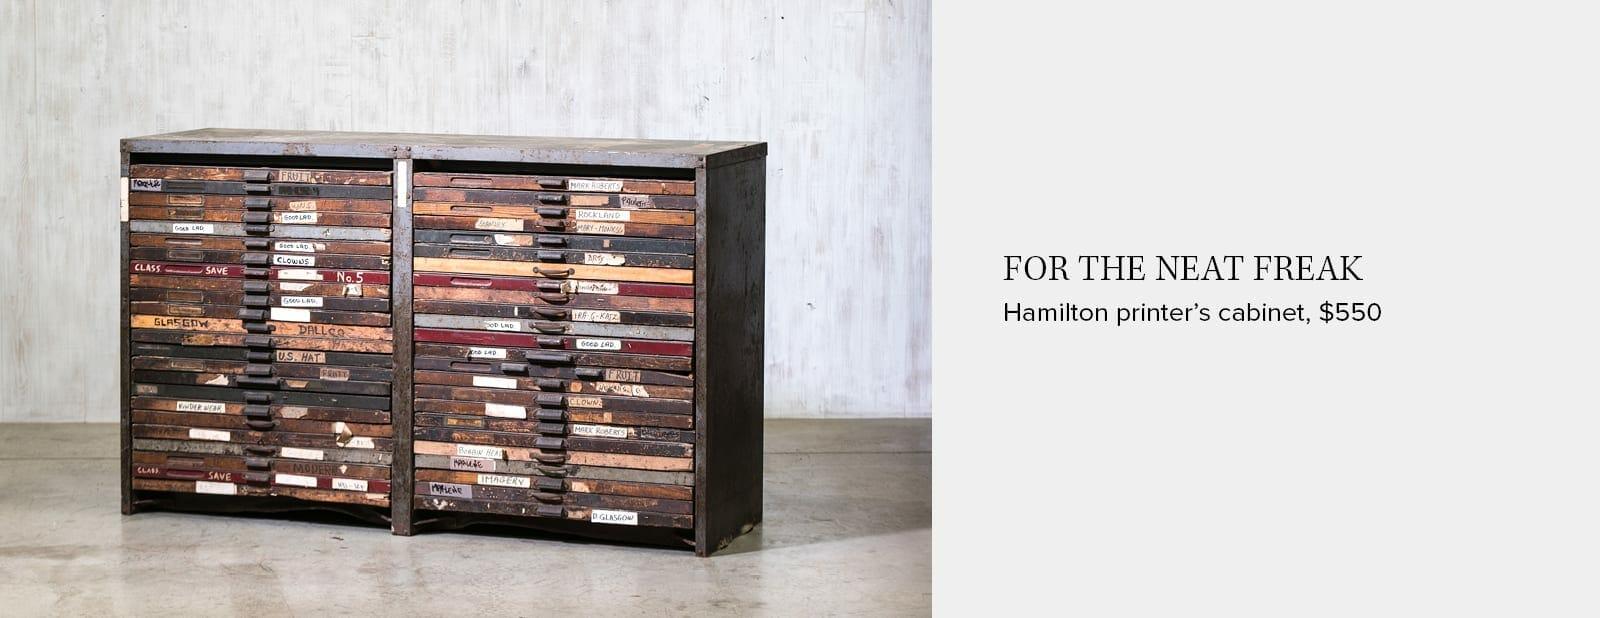 hamilton printer's cabinet